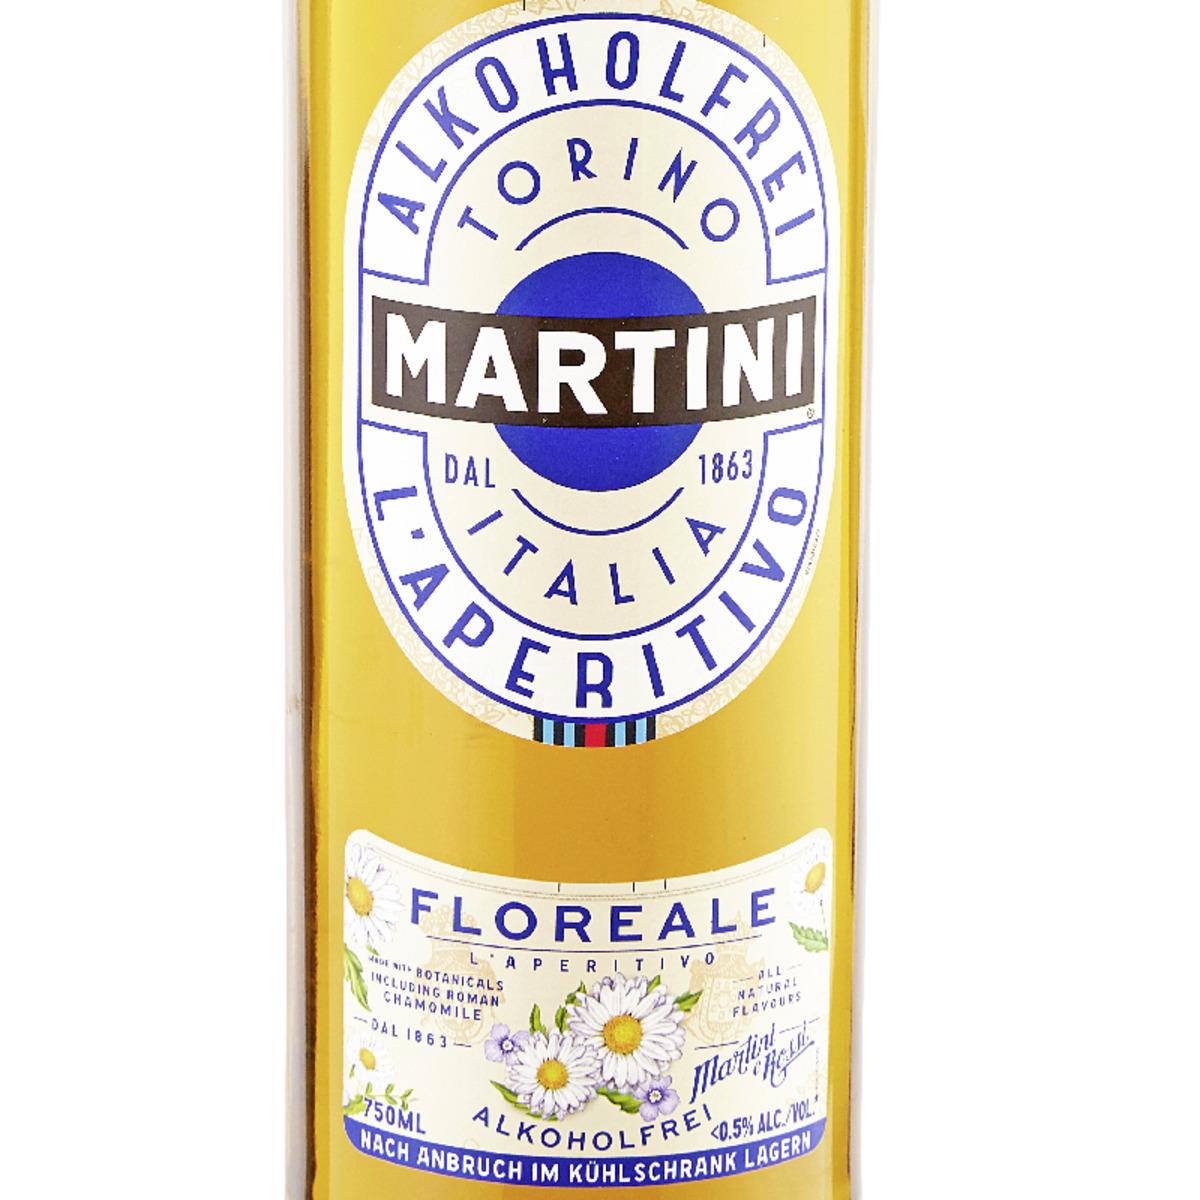 Bild 2 von Martini Floreale, Alkoholfrei